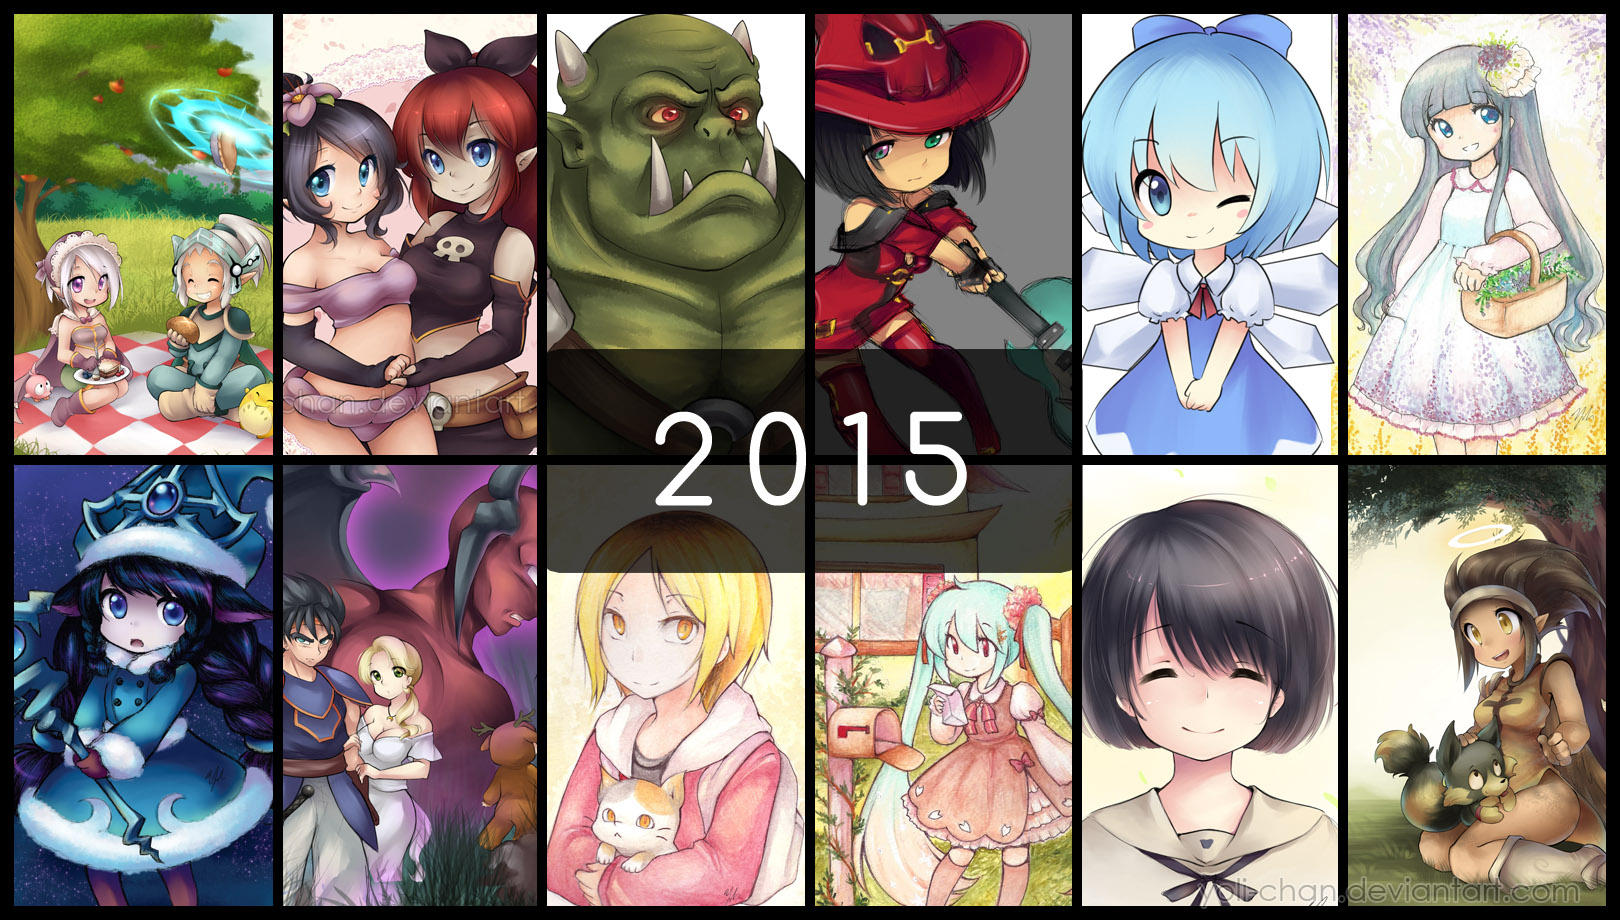 2015 by yolichan